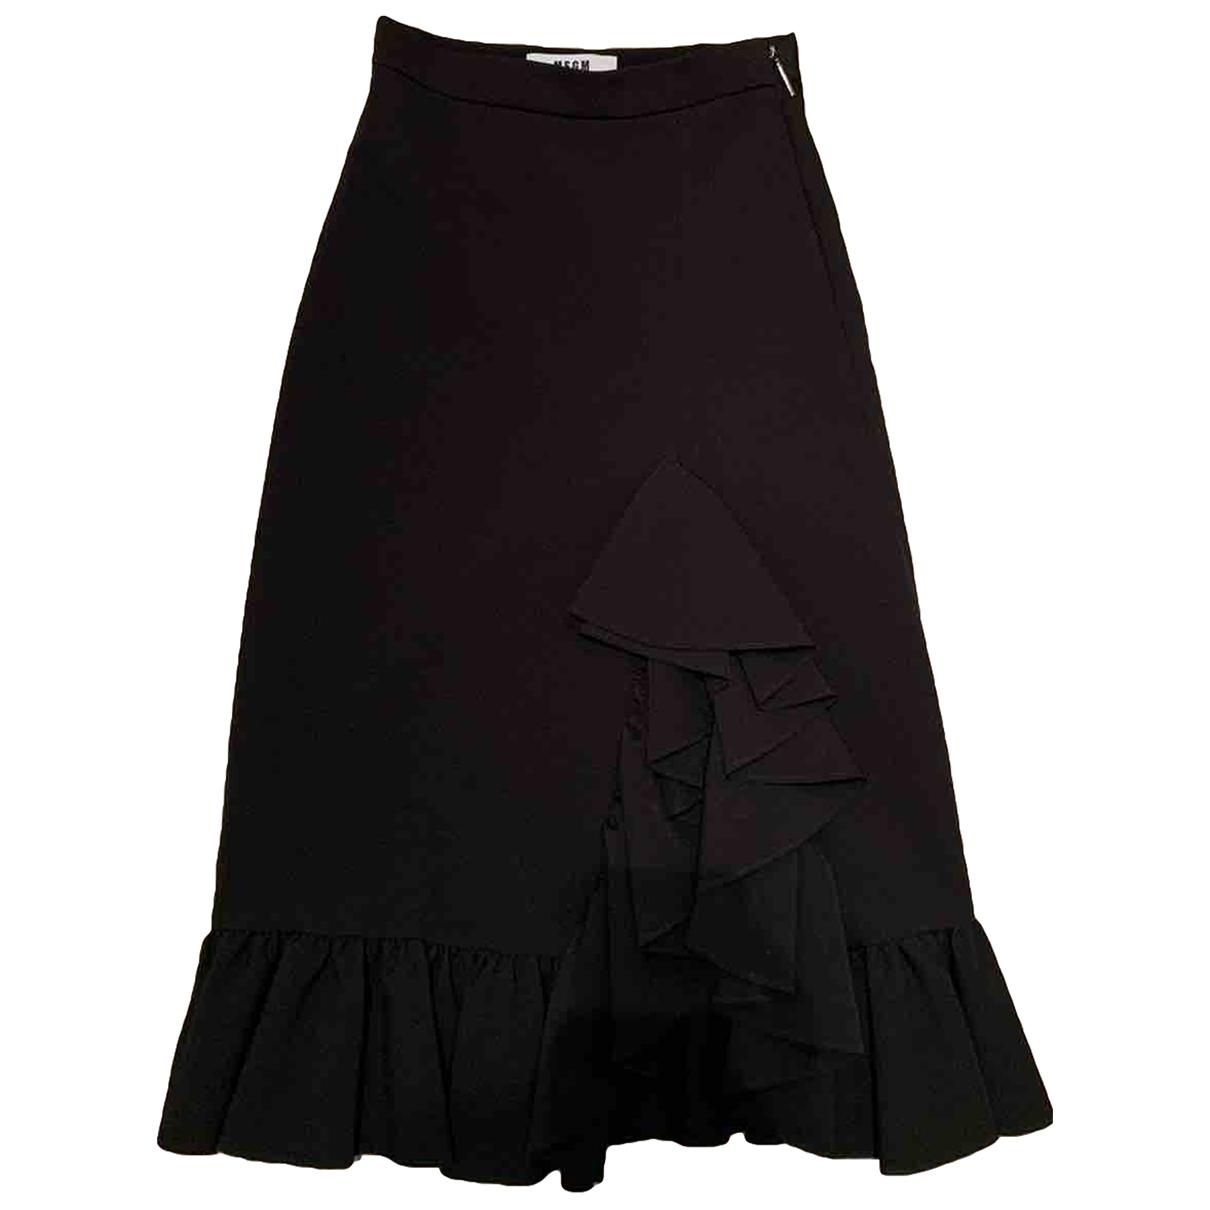 Msgm \N Black skirt for Women 38 IT